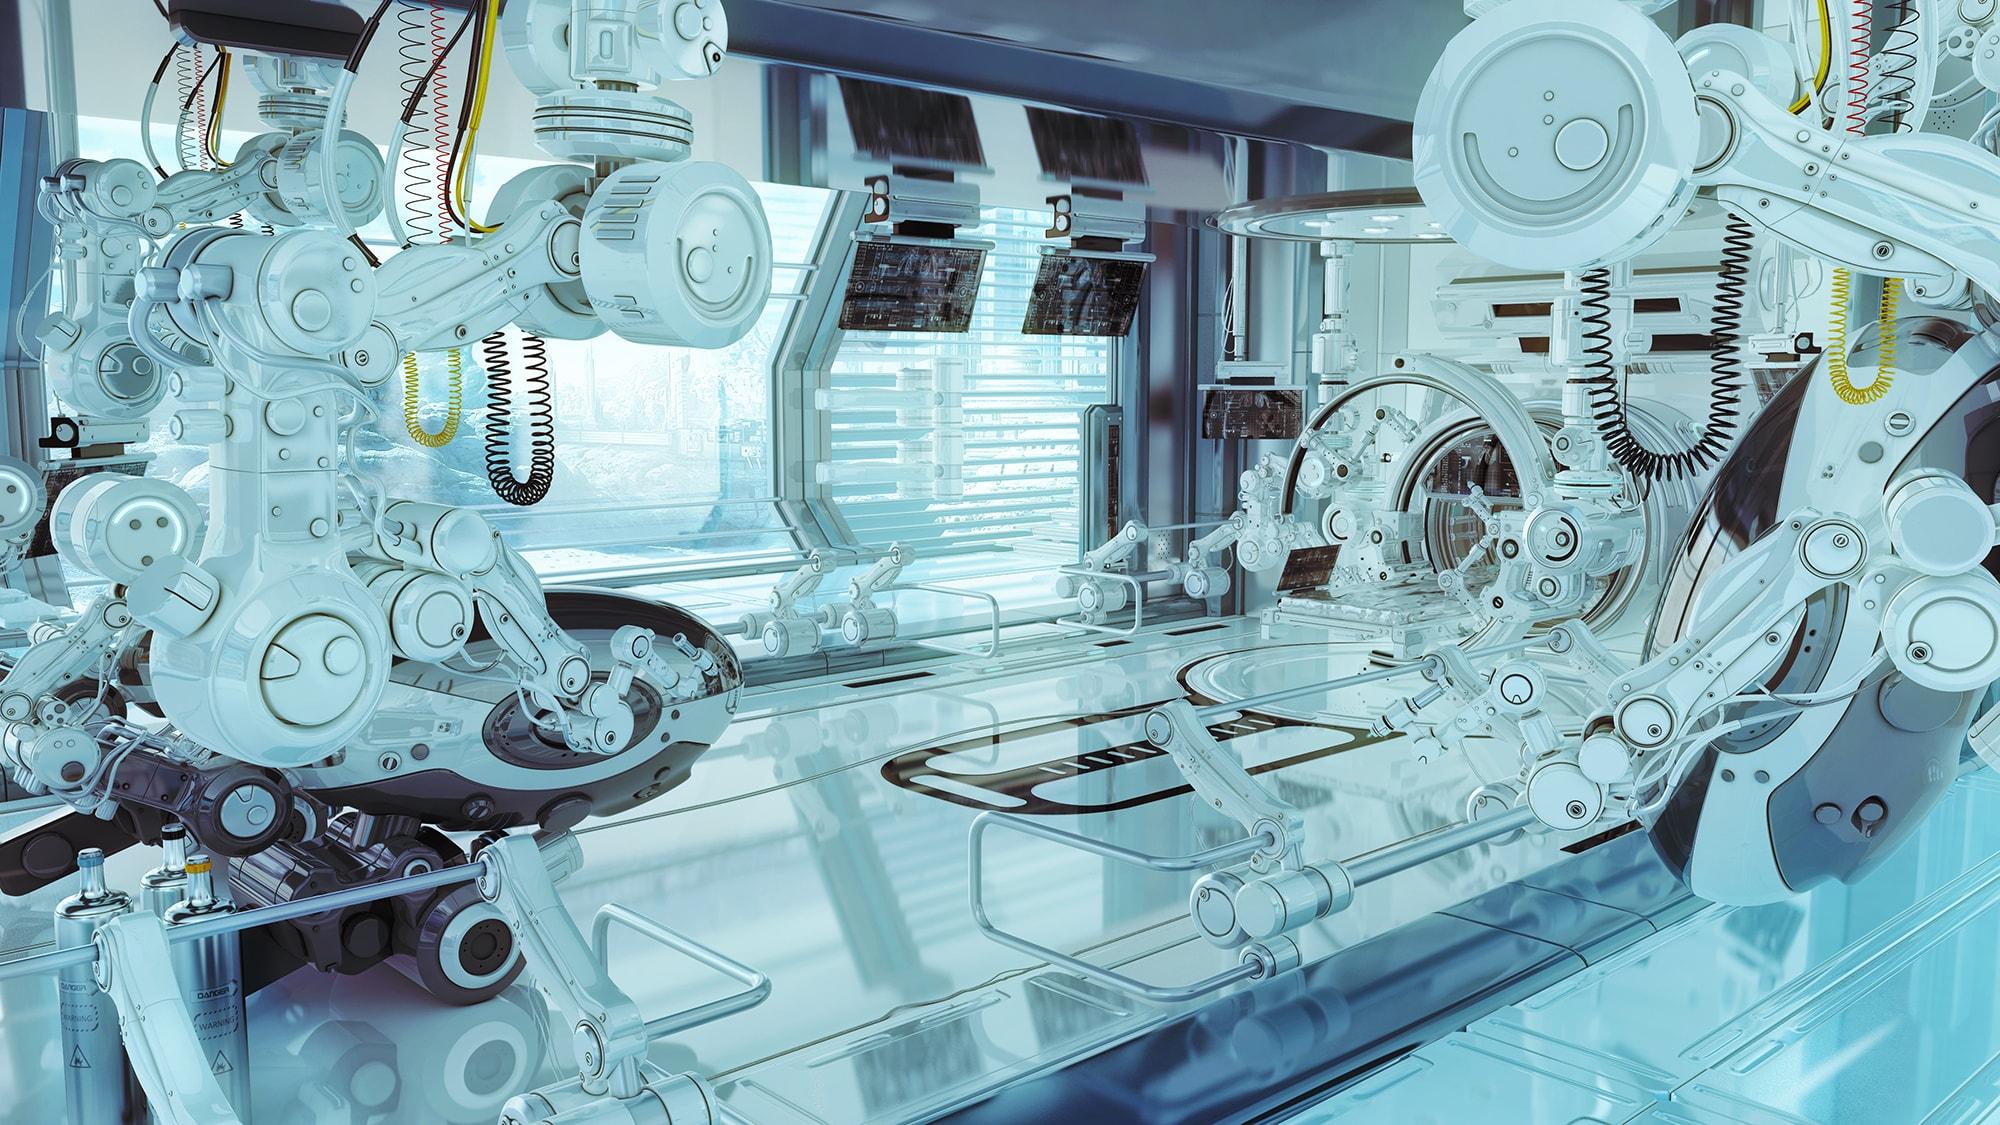 Futuristic lab setting